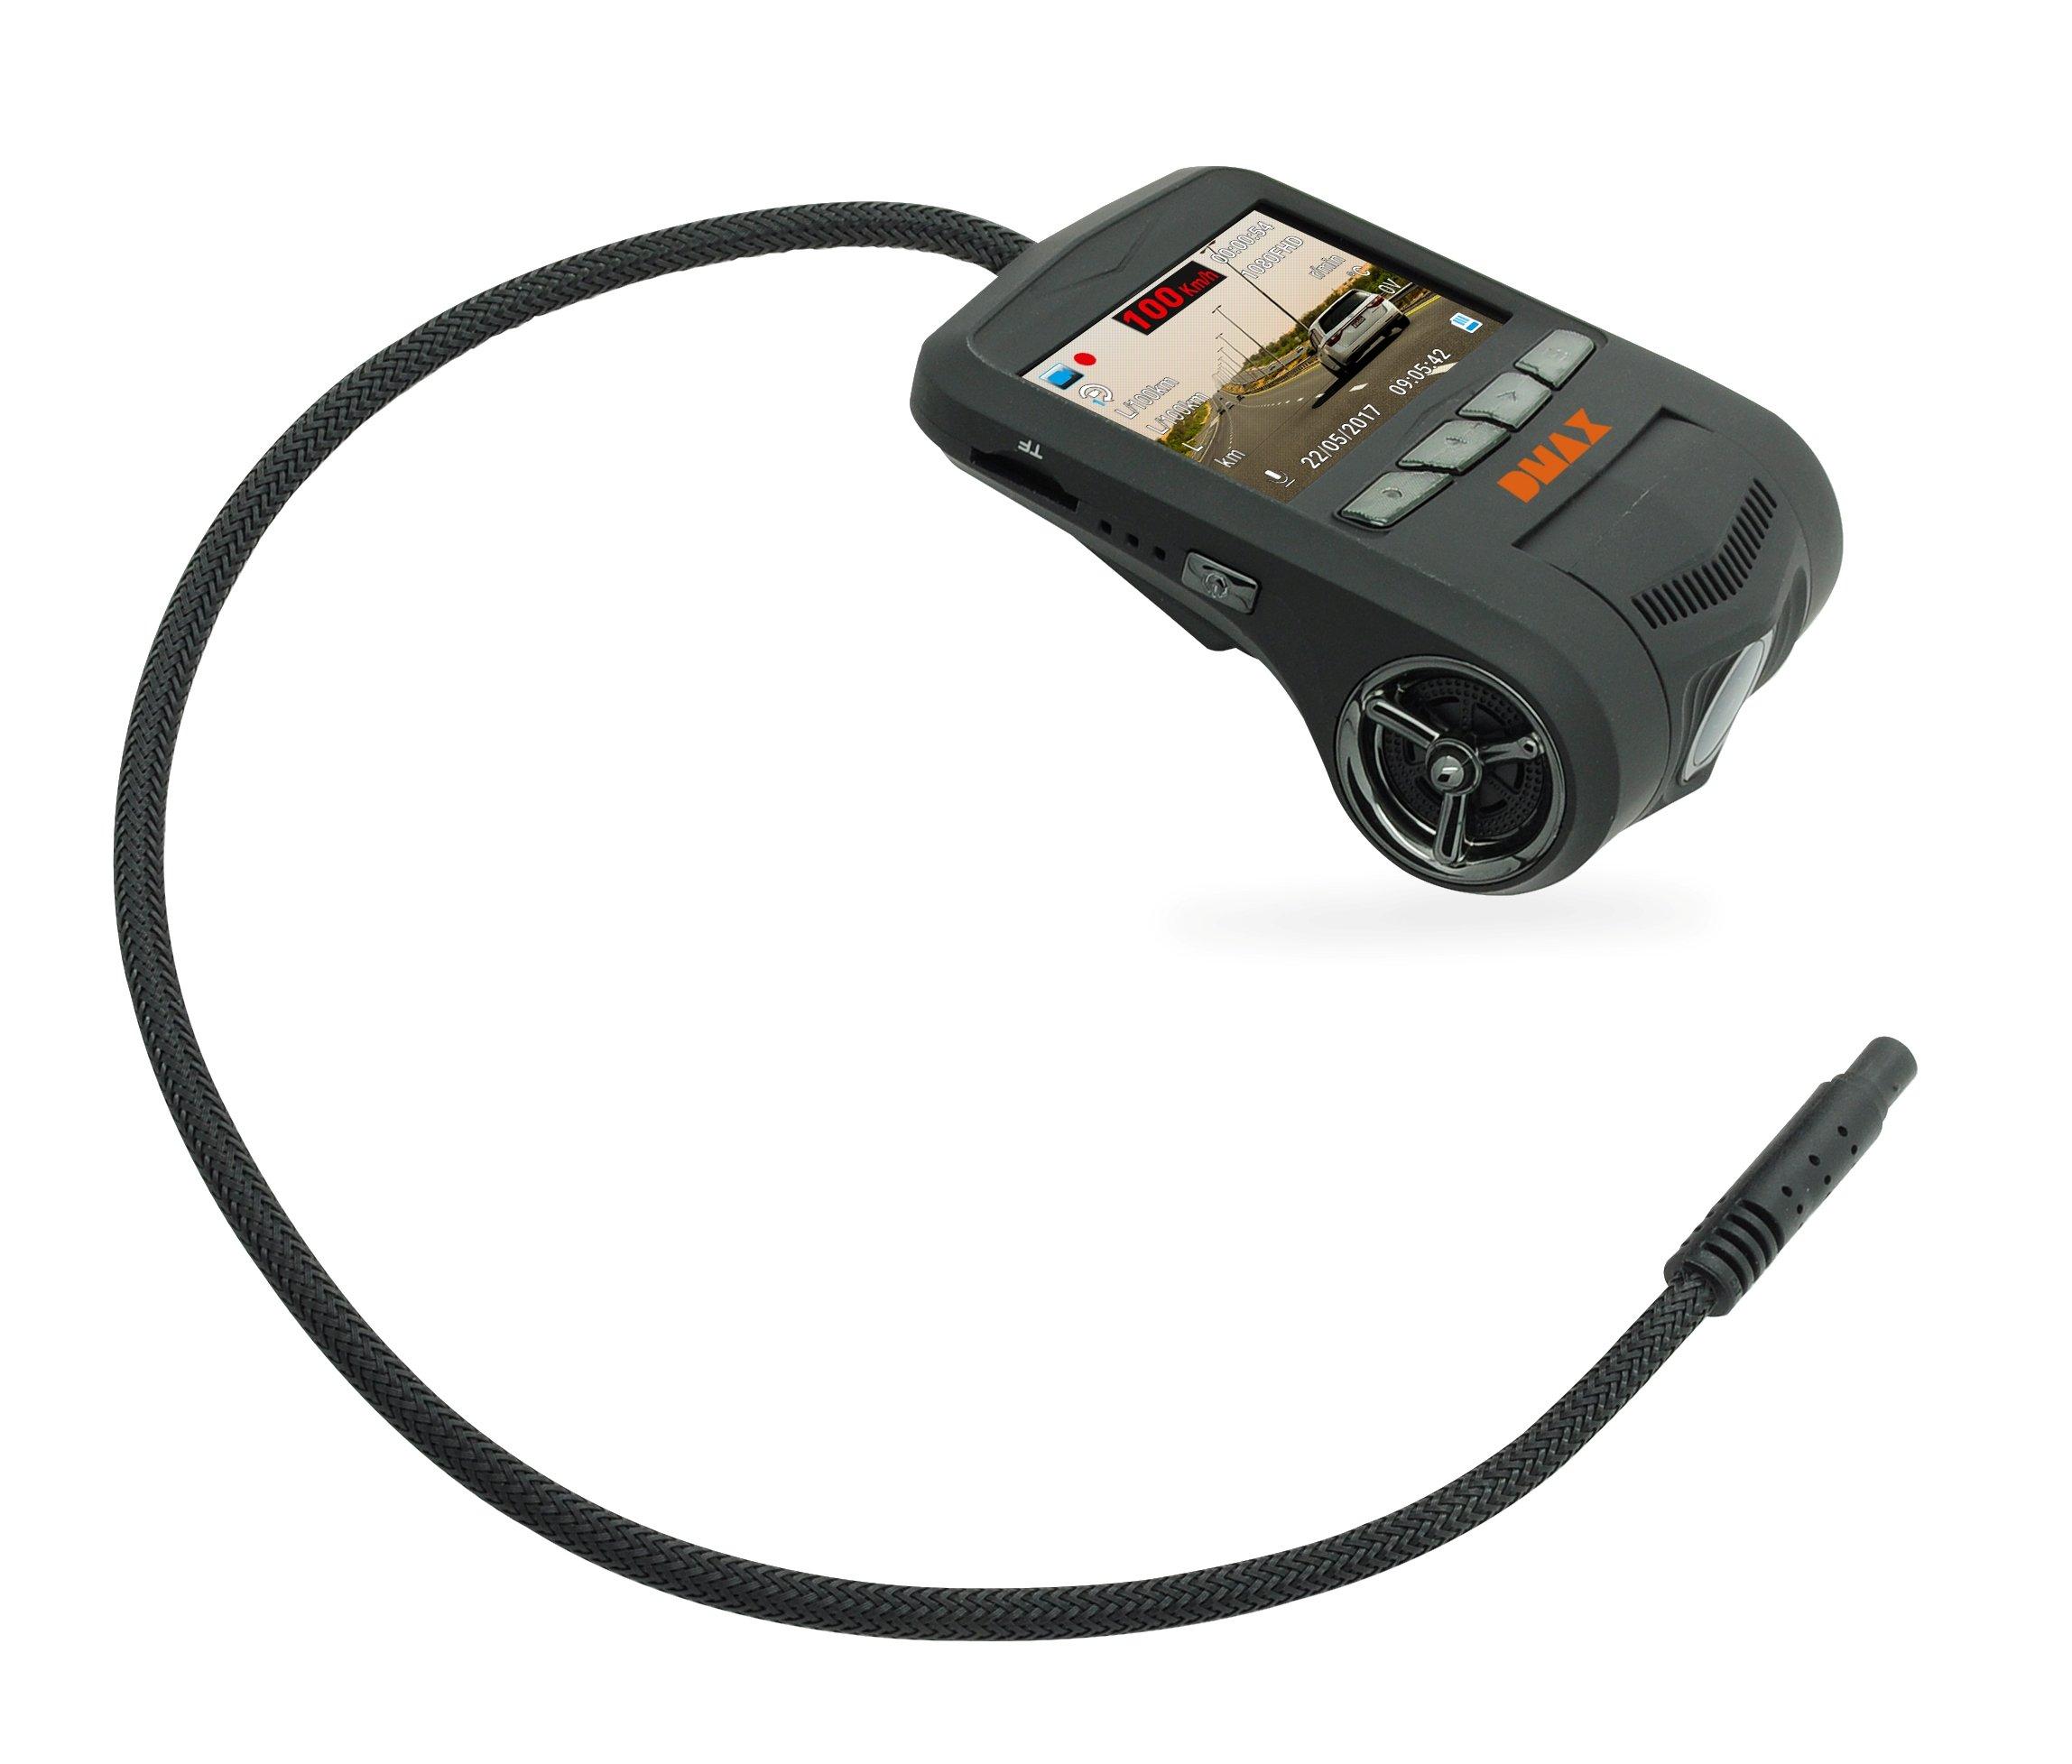 DMAX-Full-HD-Dash-Kamera-mit-Fahrzeug-Datenbertragung-per-OBD-Anschluss-1920×1080-Px-Videoauflsung-fr-Tages-Nachtaufnahmen-170-Erfassungswinkel-und-WiFi